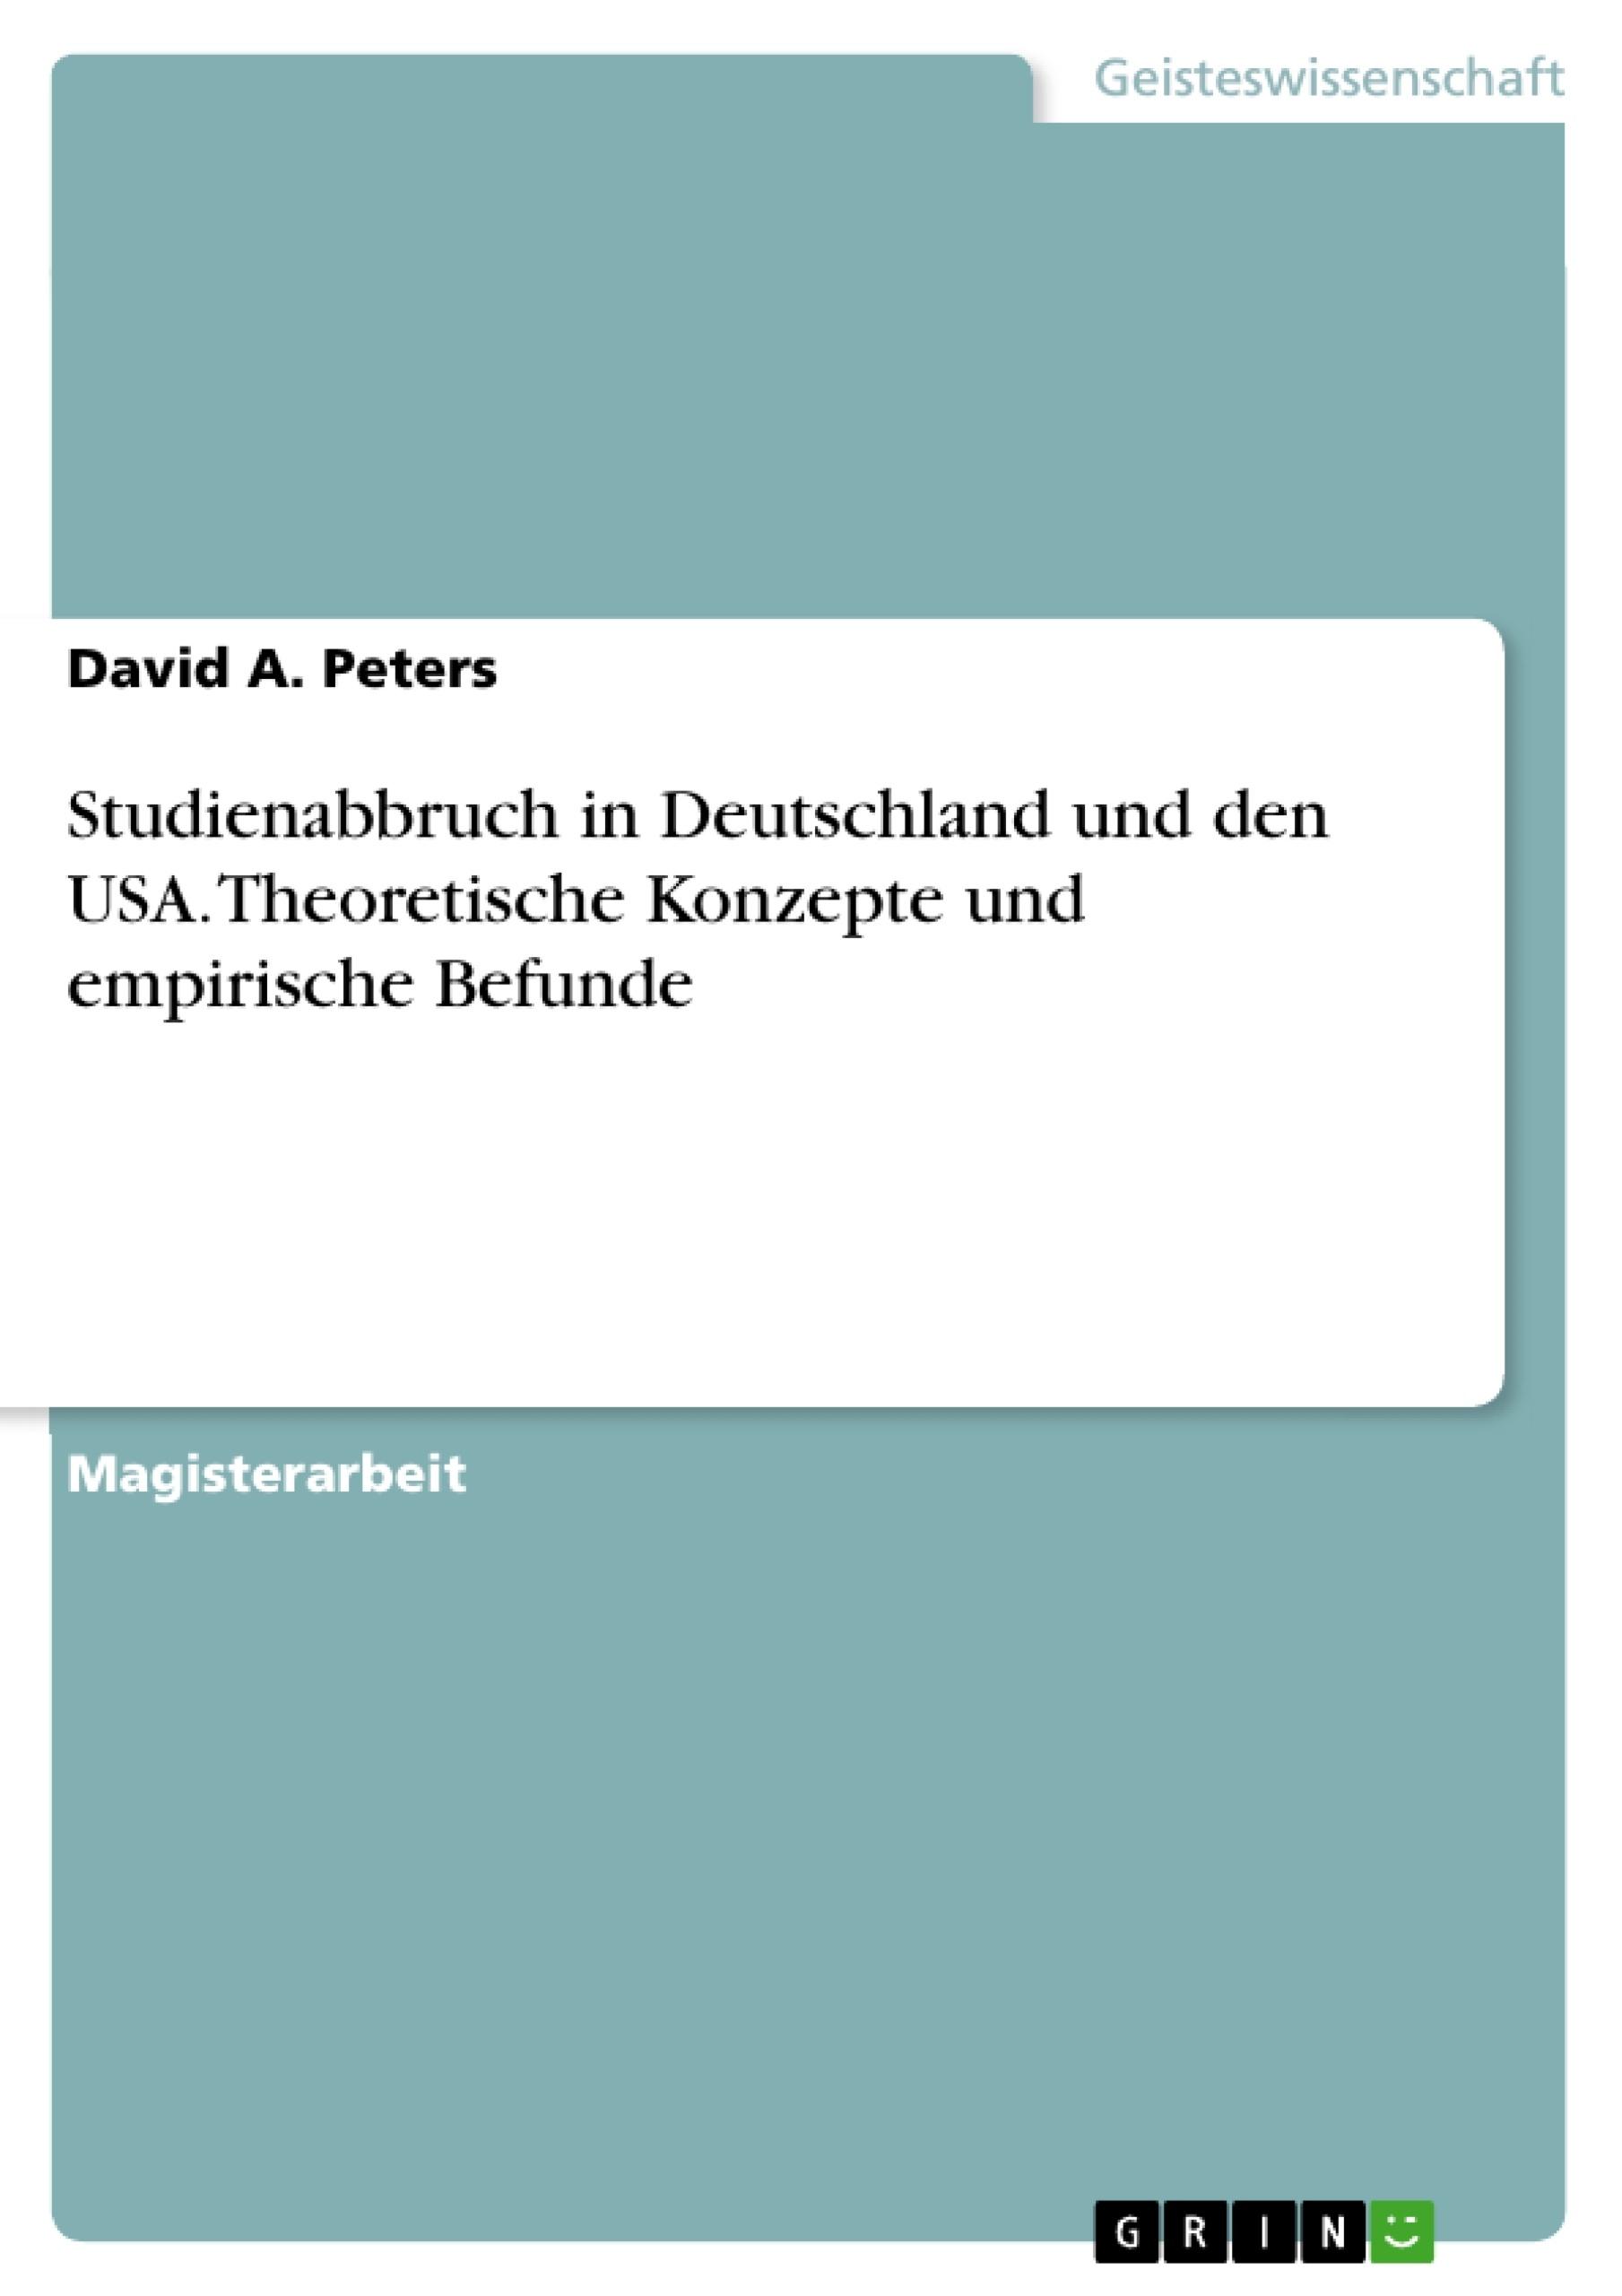 Titel: Studienabbruch in Deutschland und den USA. Theoretische Konzepte und empirische Befunde